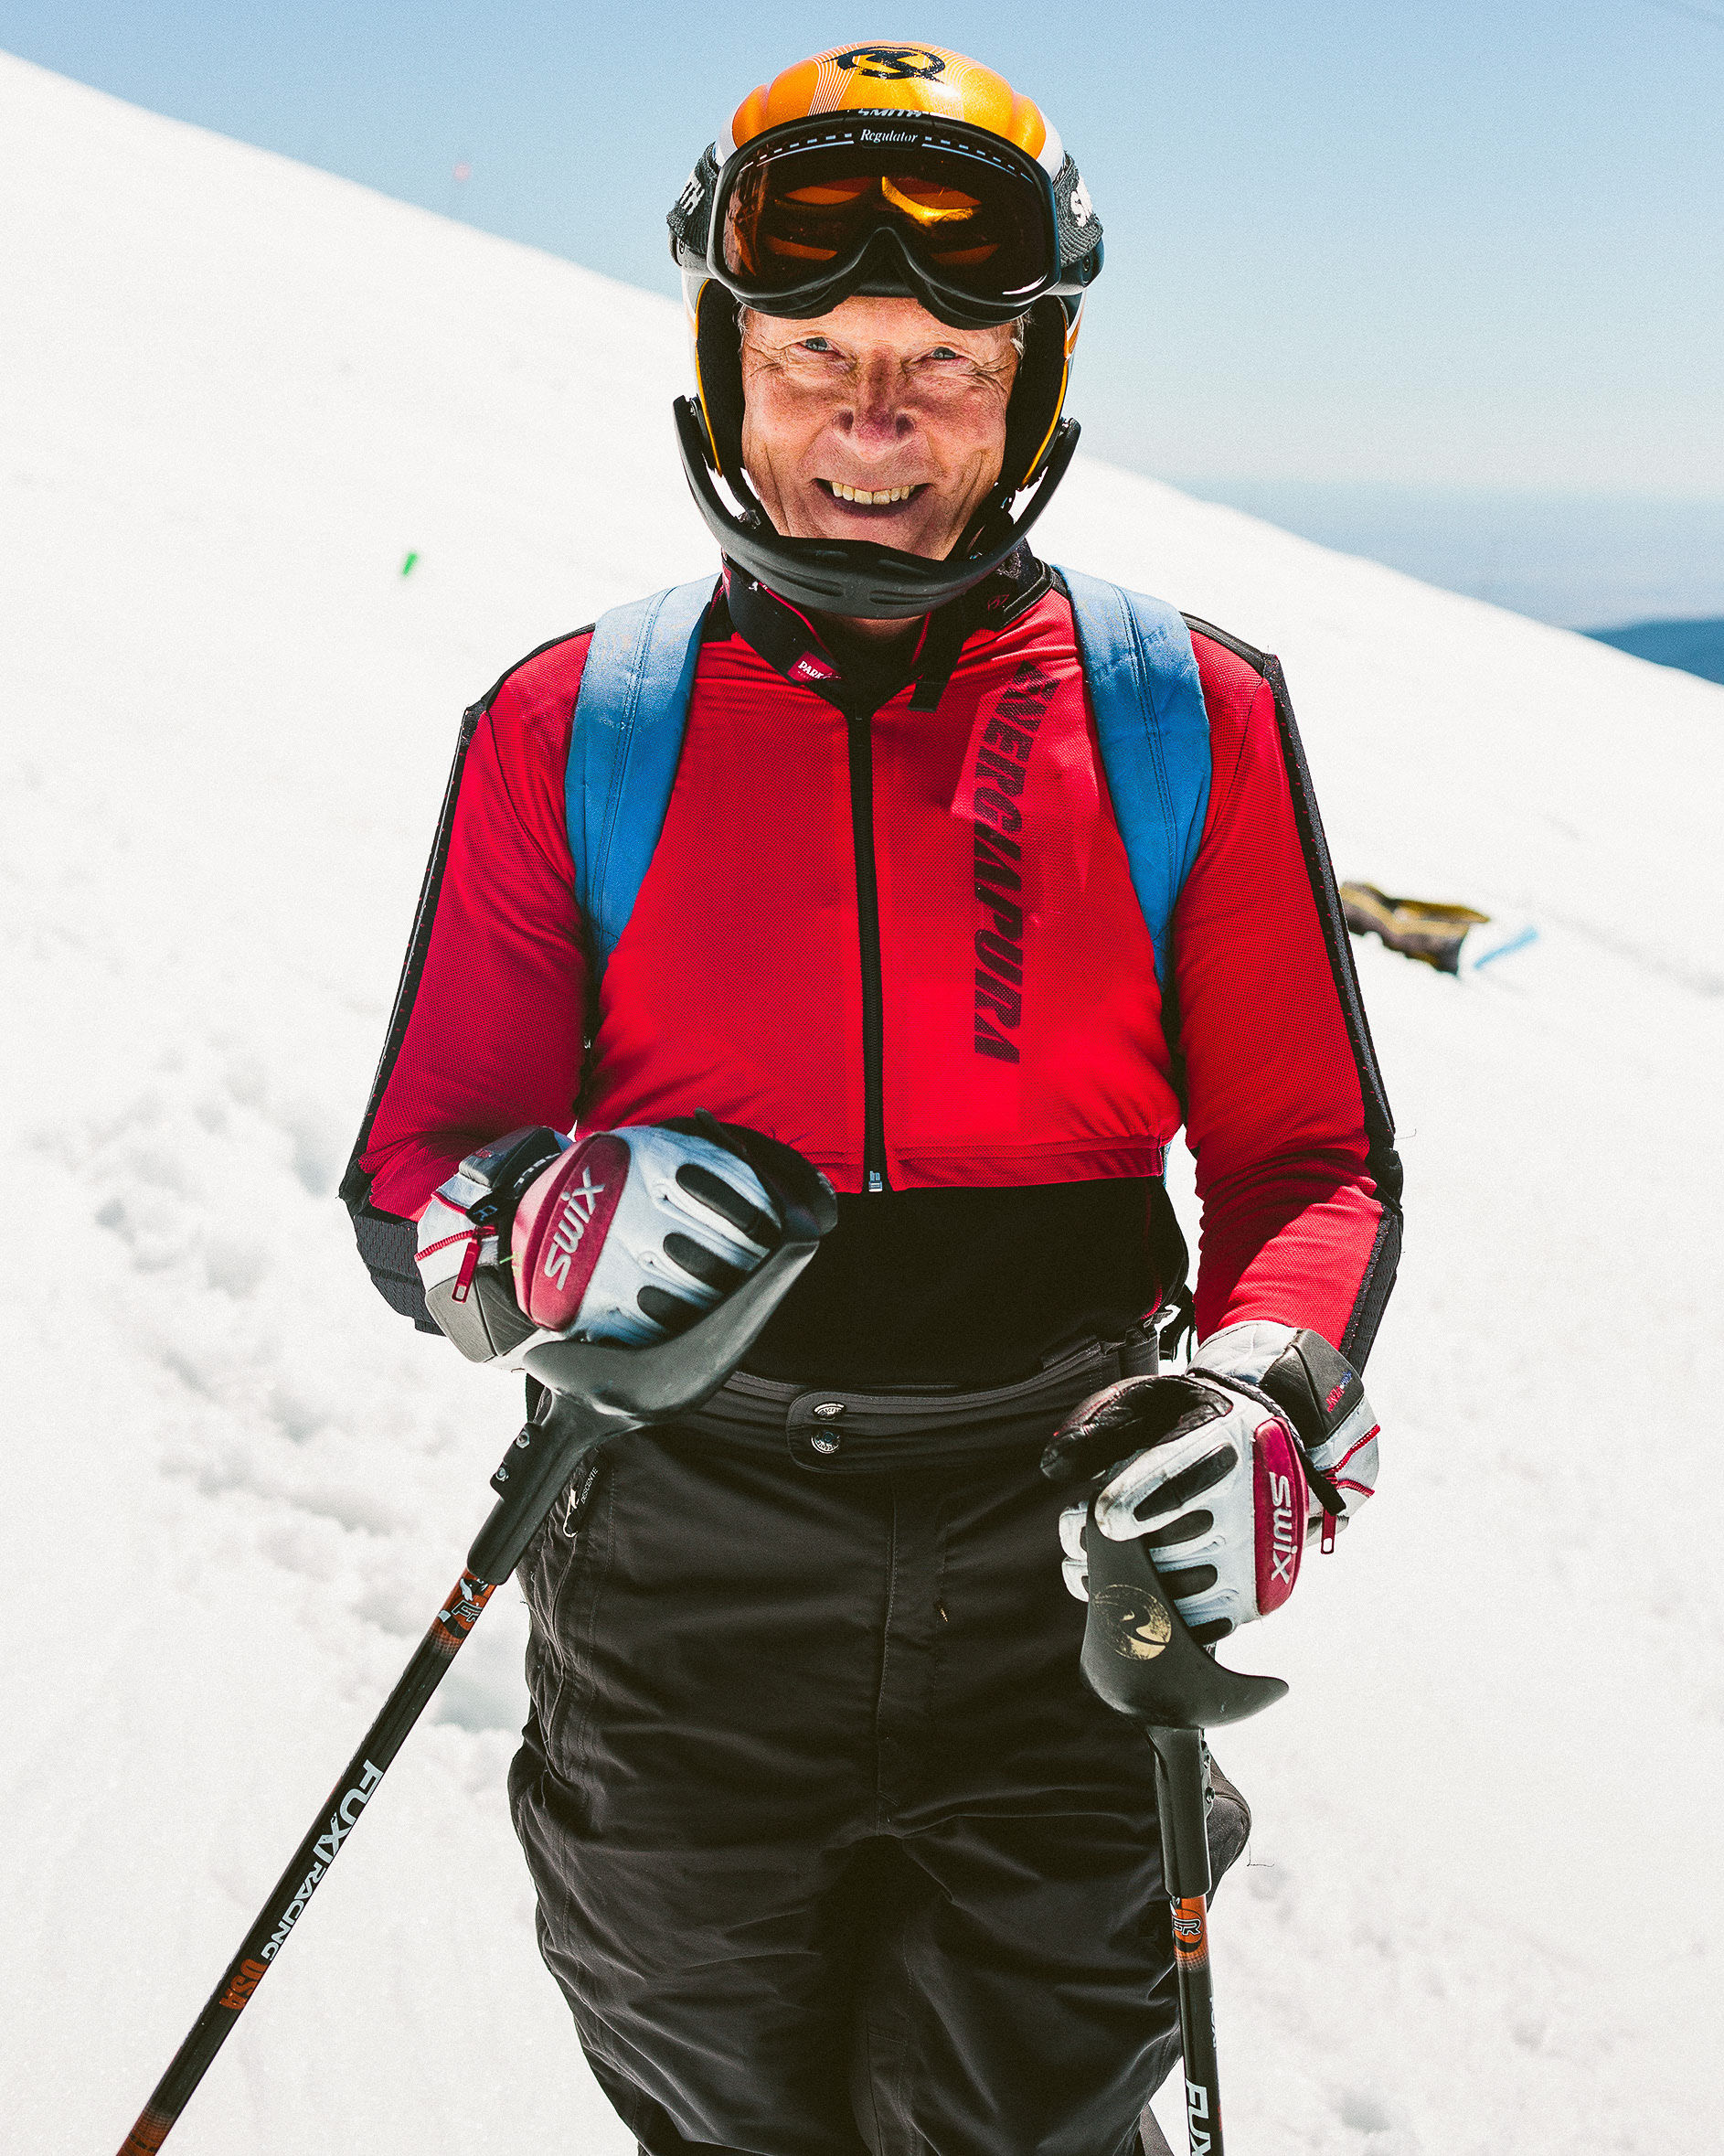 Masters Ski Racer. Mt. Hood, Oregon.